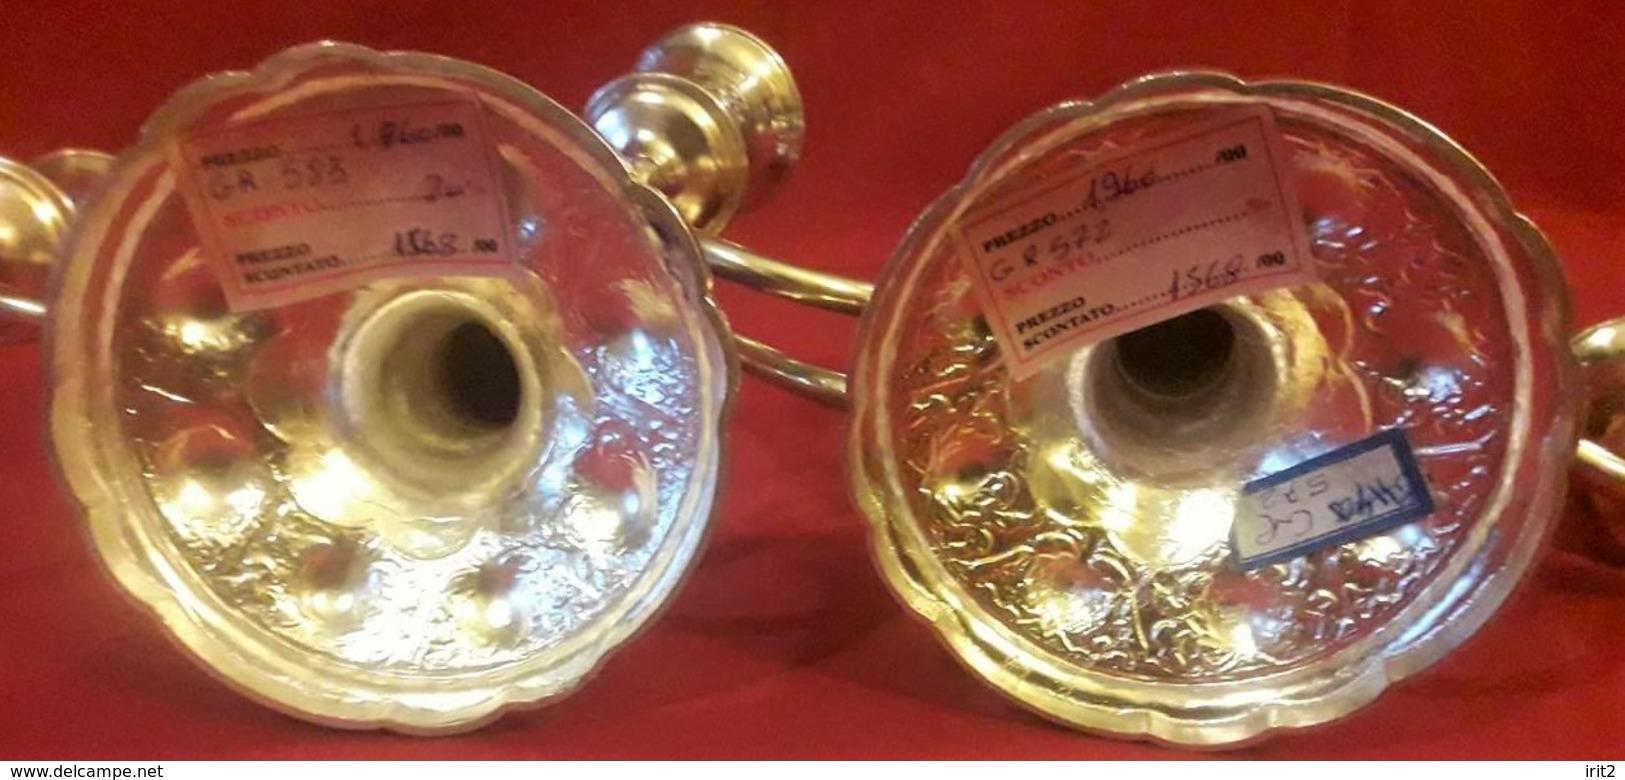 Periodo Della Dinastia Qajar Persia 1800-900 - La Coppia Dei Candelabri In Argento ,incisioni Interamente A Mano - Argenteria